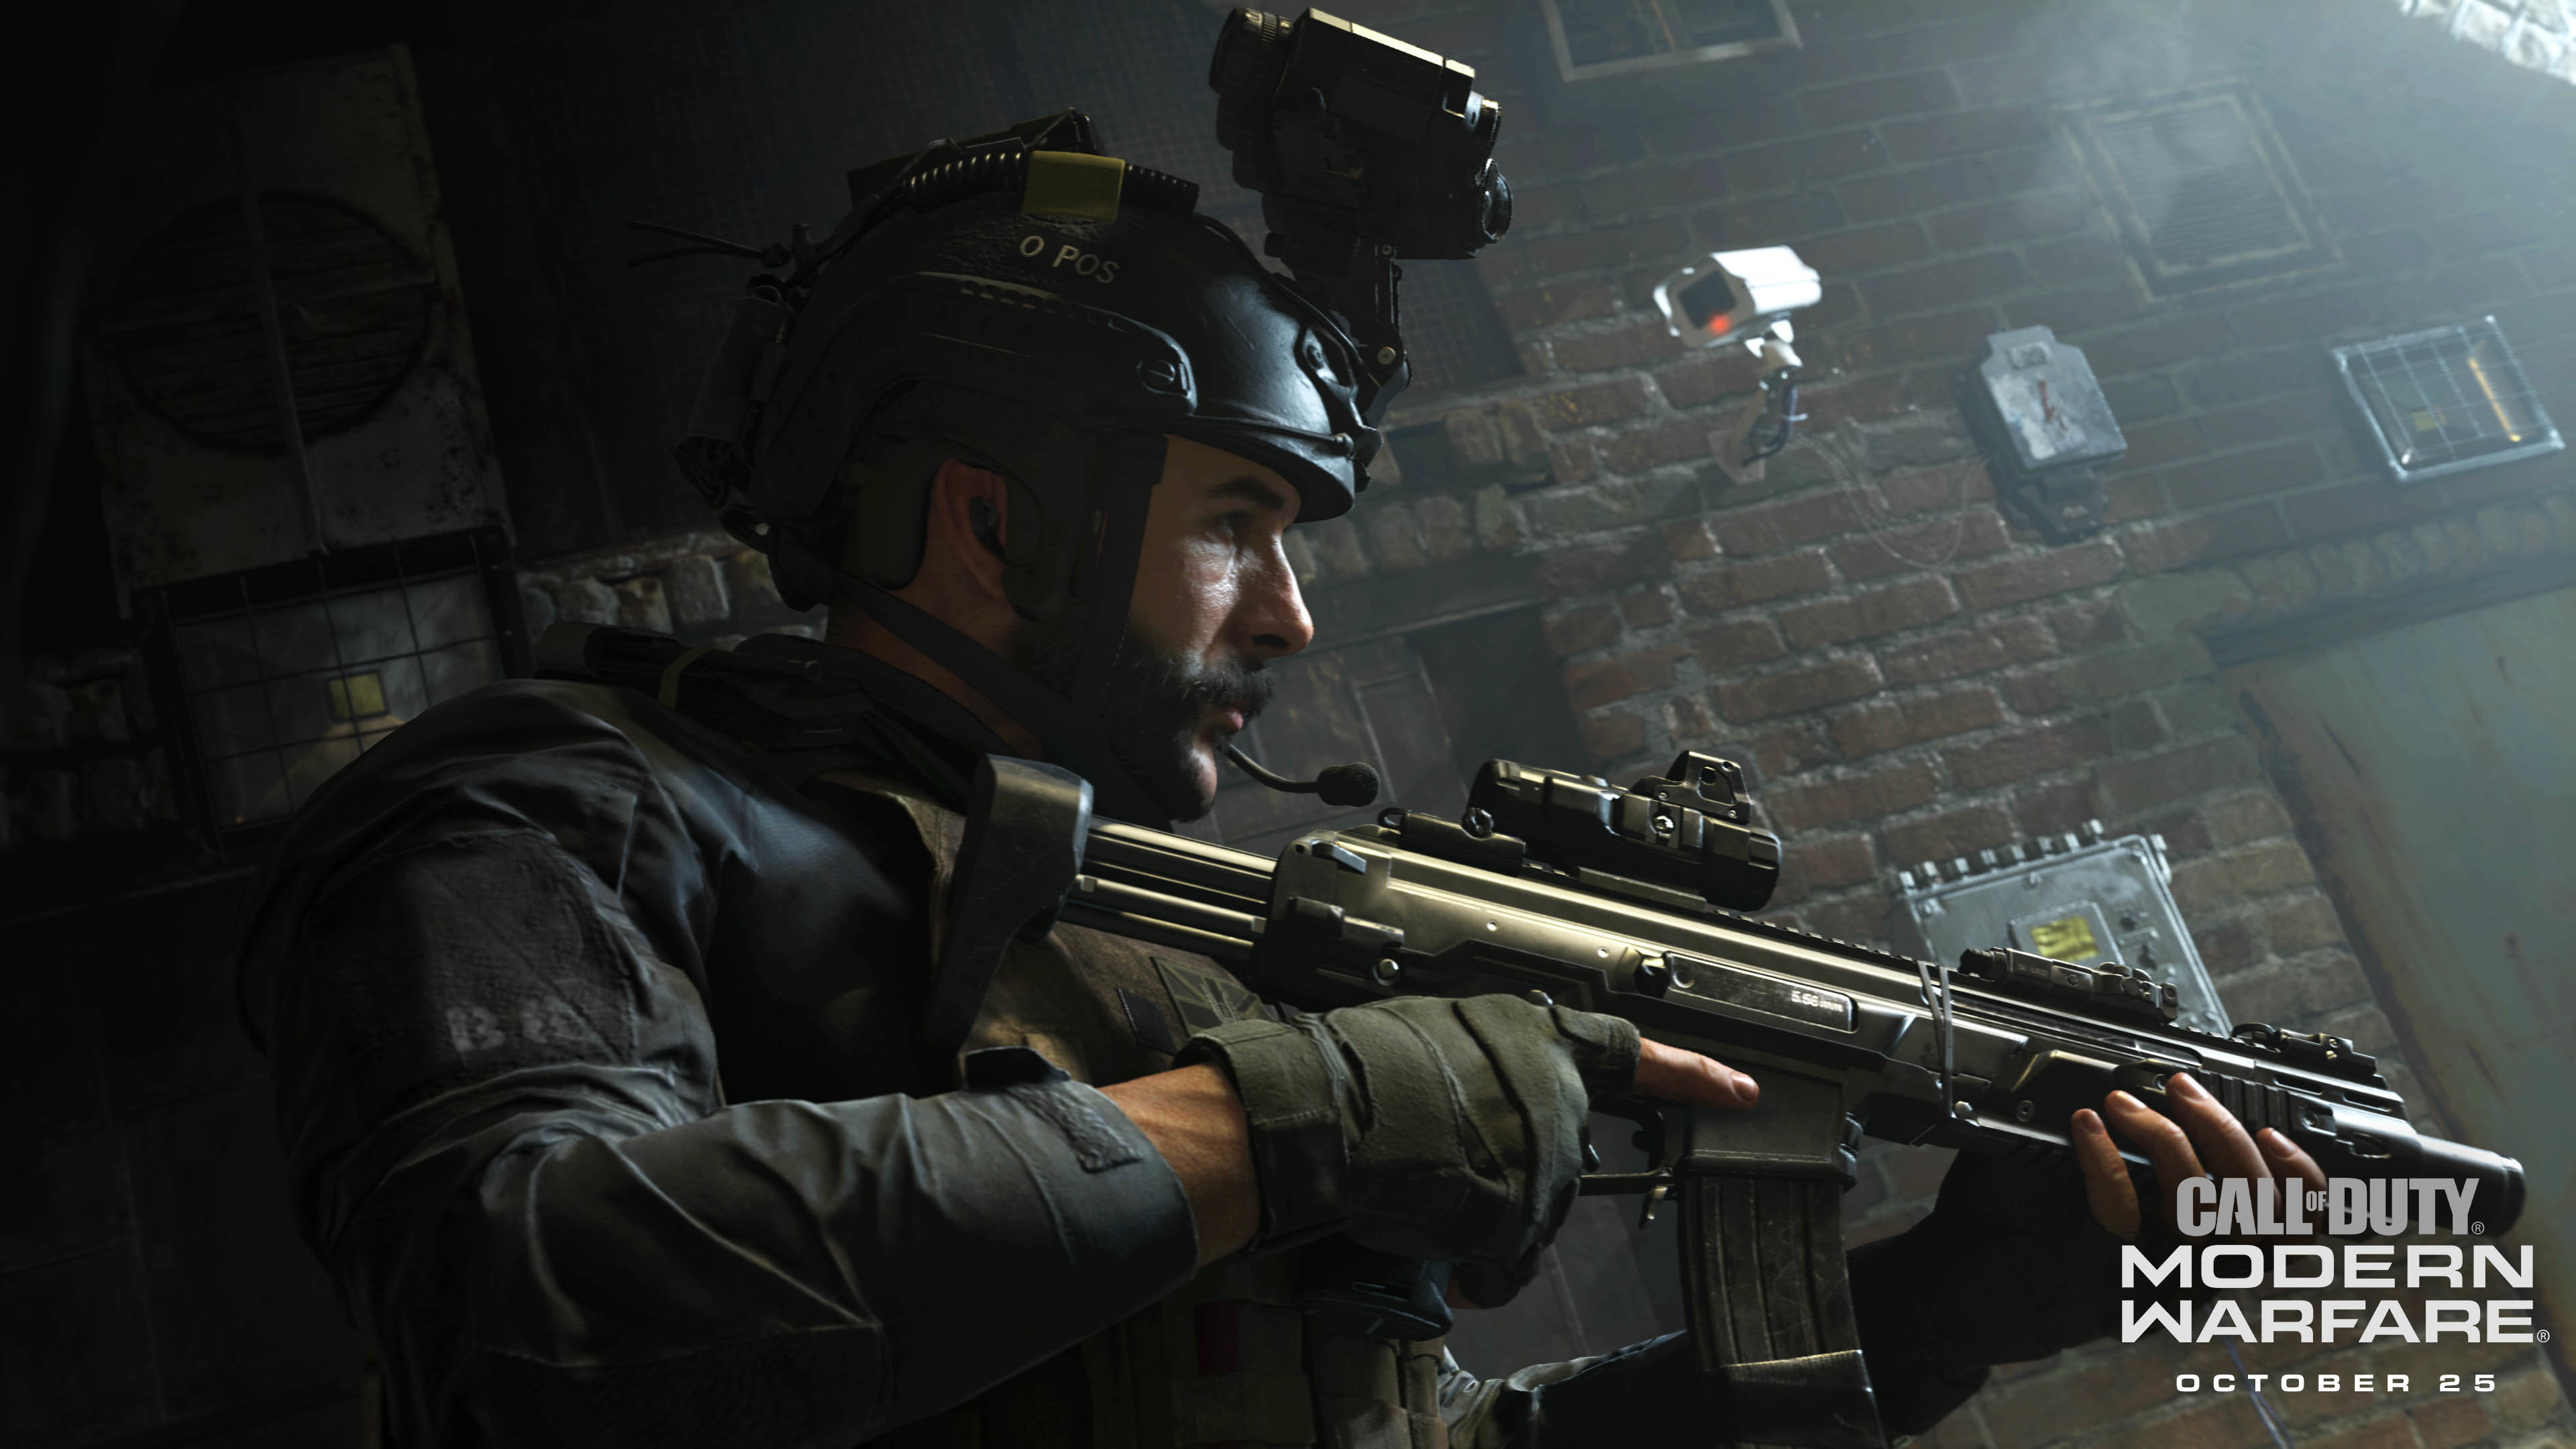 Перевод: Modern Warfare может стать лучшим экшеном в этом году